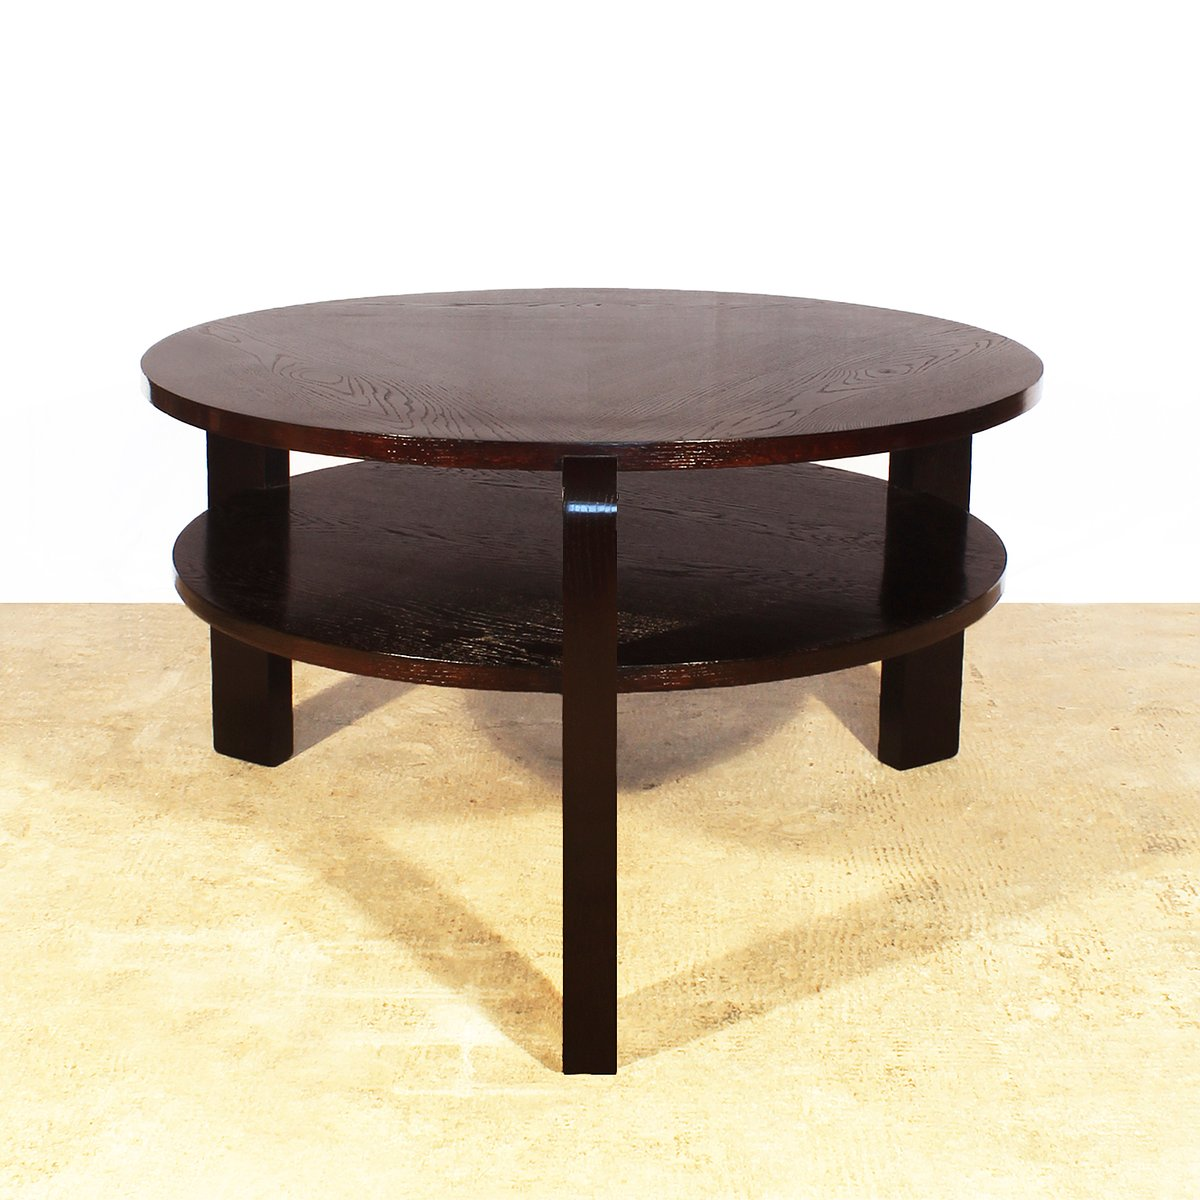 Table basse art d co espagne 1930s en vente sur pamono - Table basse deco ...